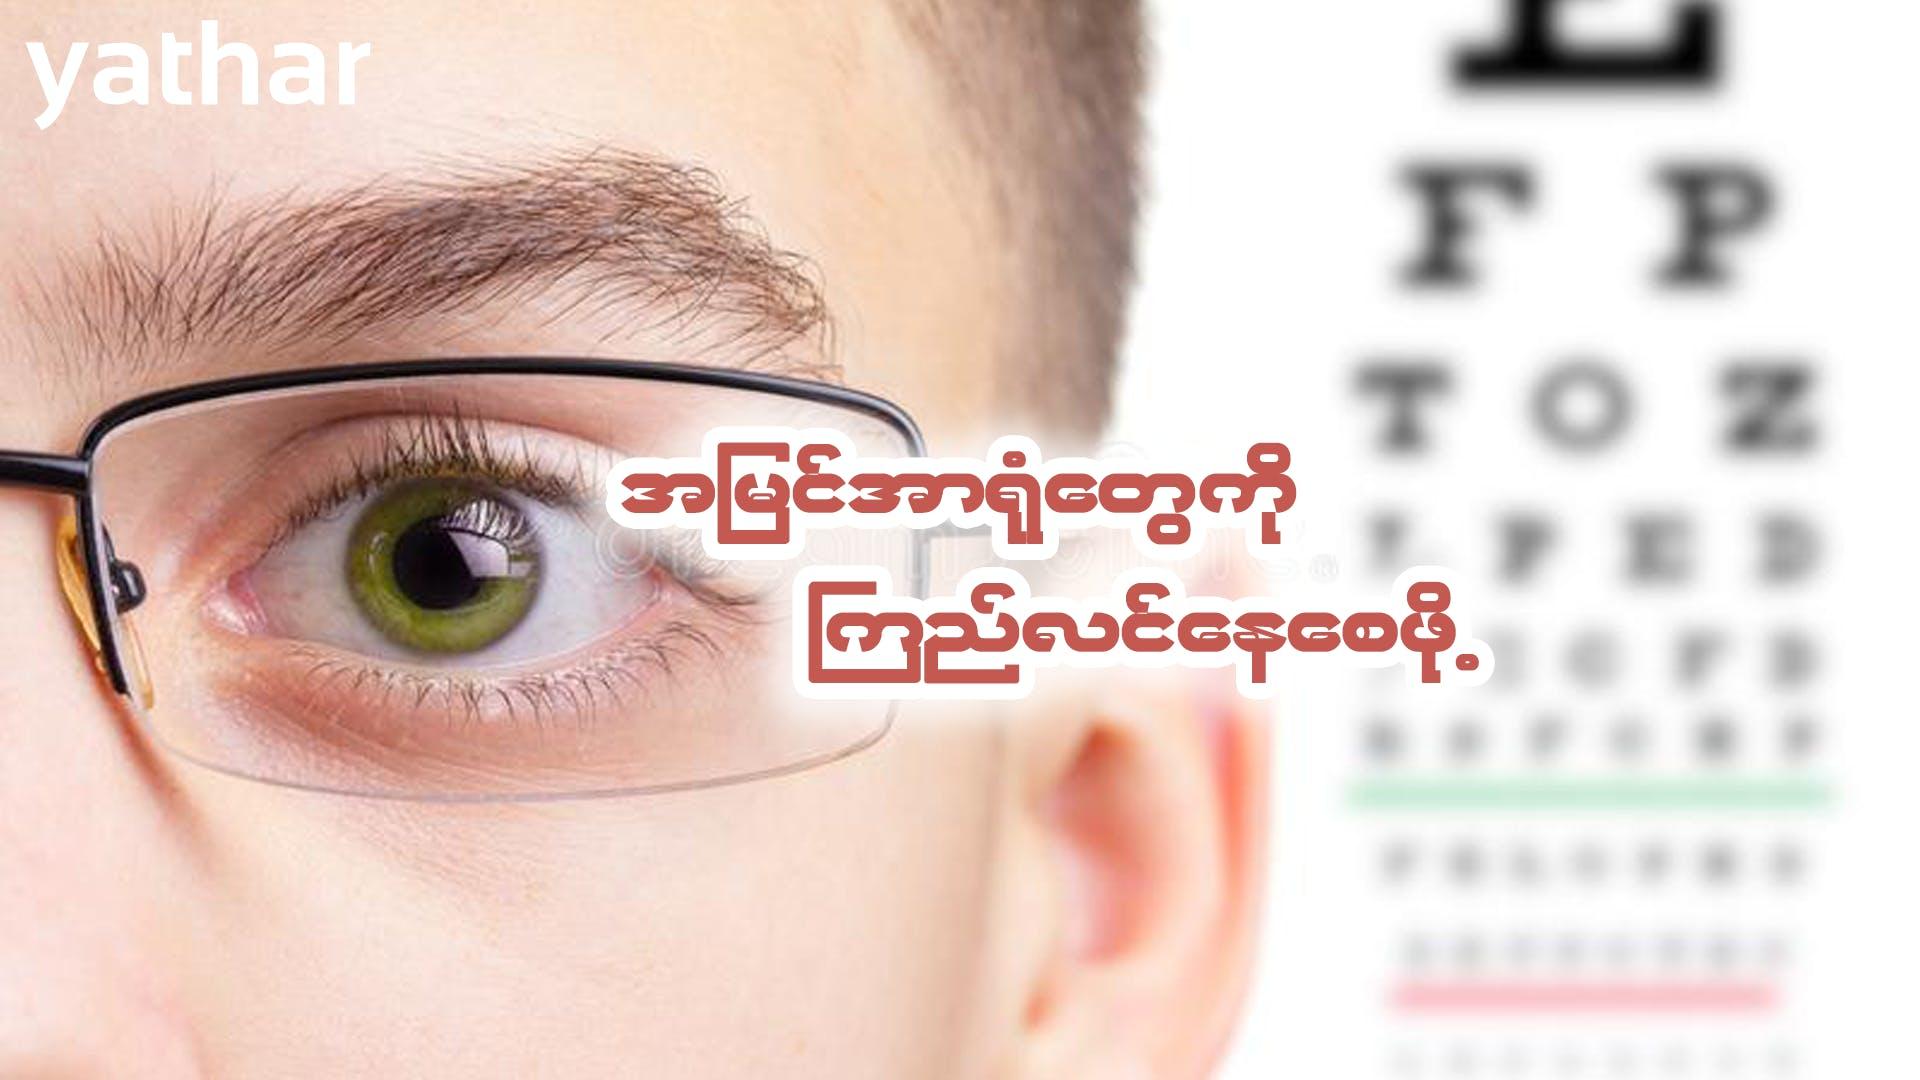 အမြင်အာရုံတွေကို ကျန်းမာနေစေဖို့